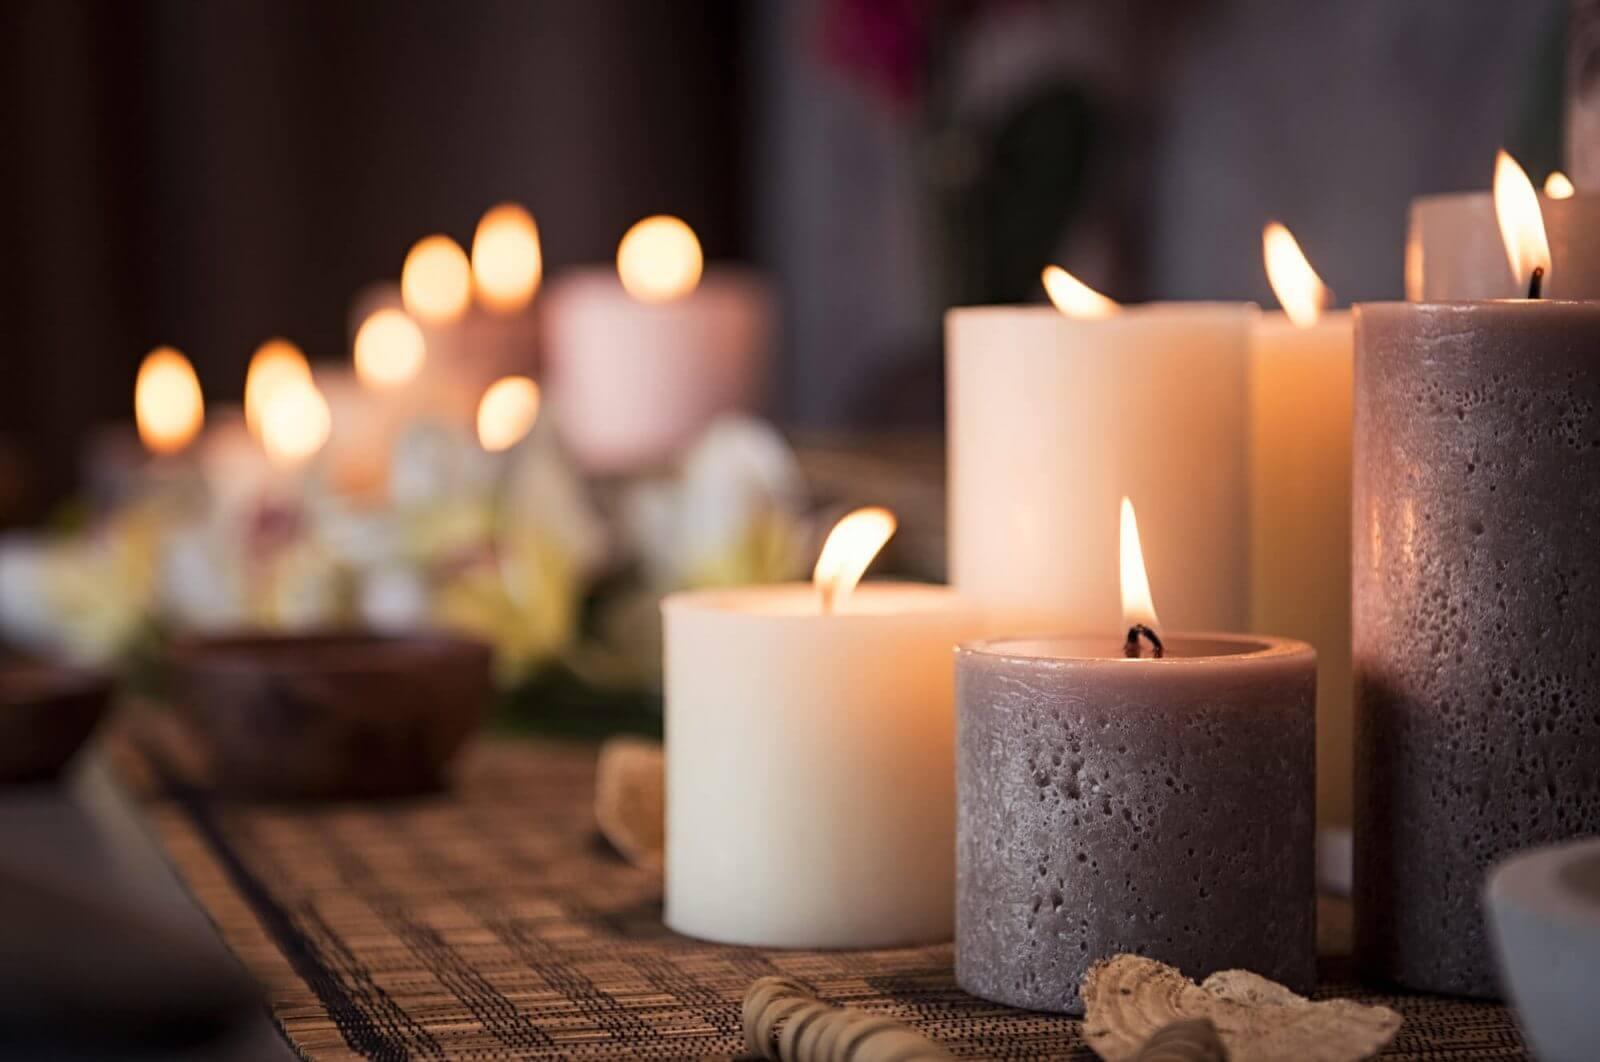 La importancia de las velas para los rituales del solsticio de invierno